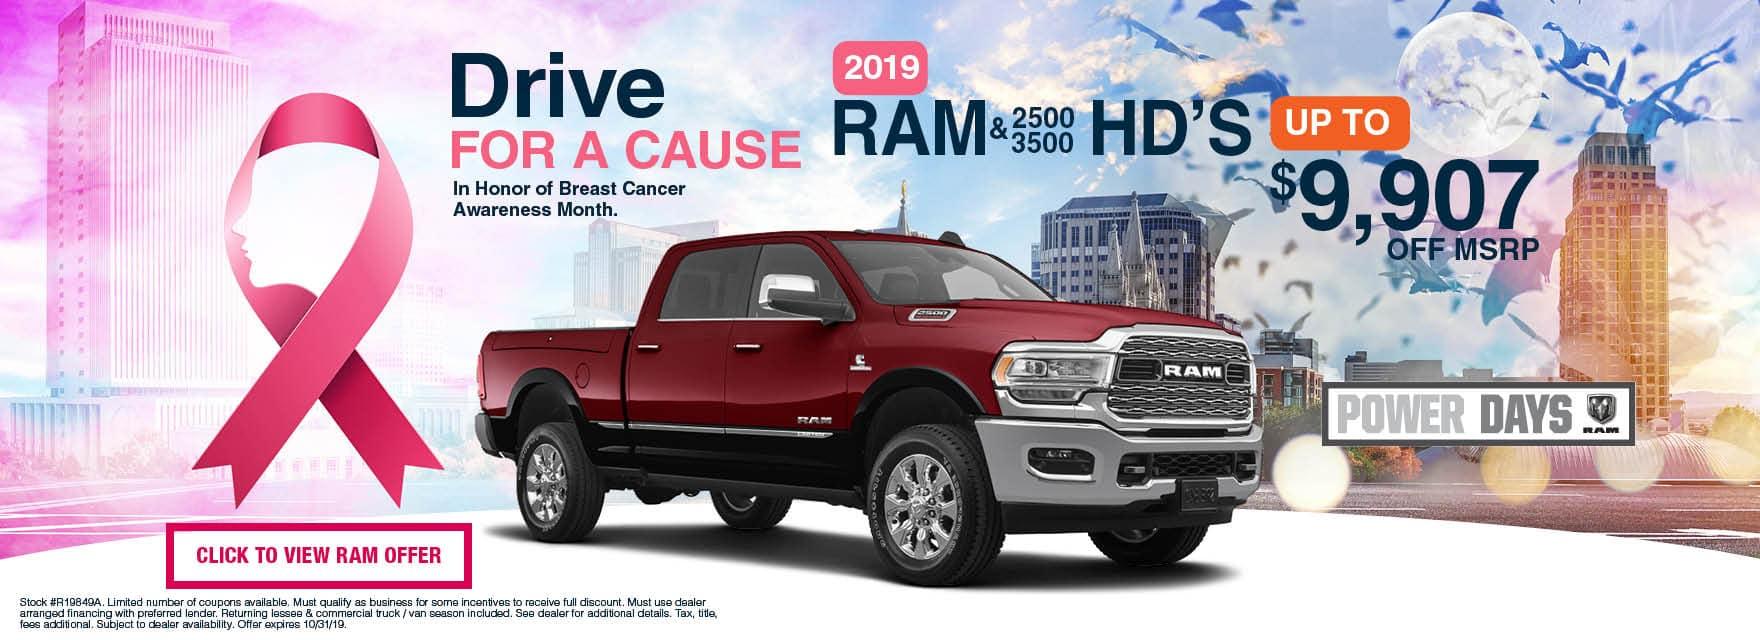 2019 RAM HDS